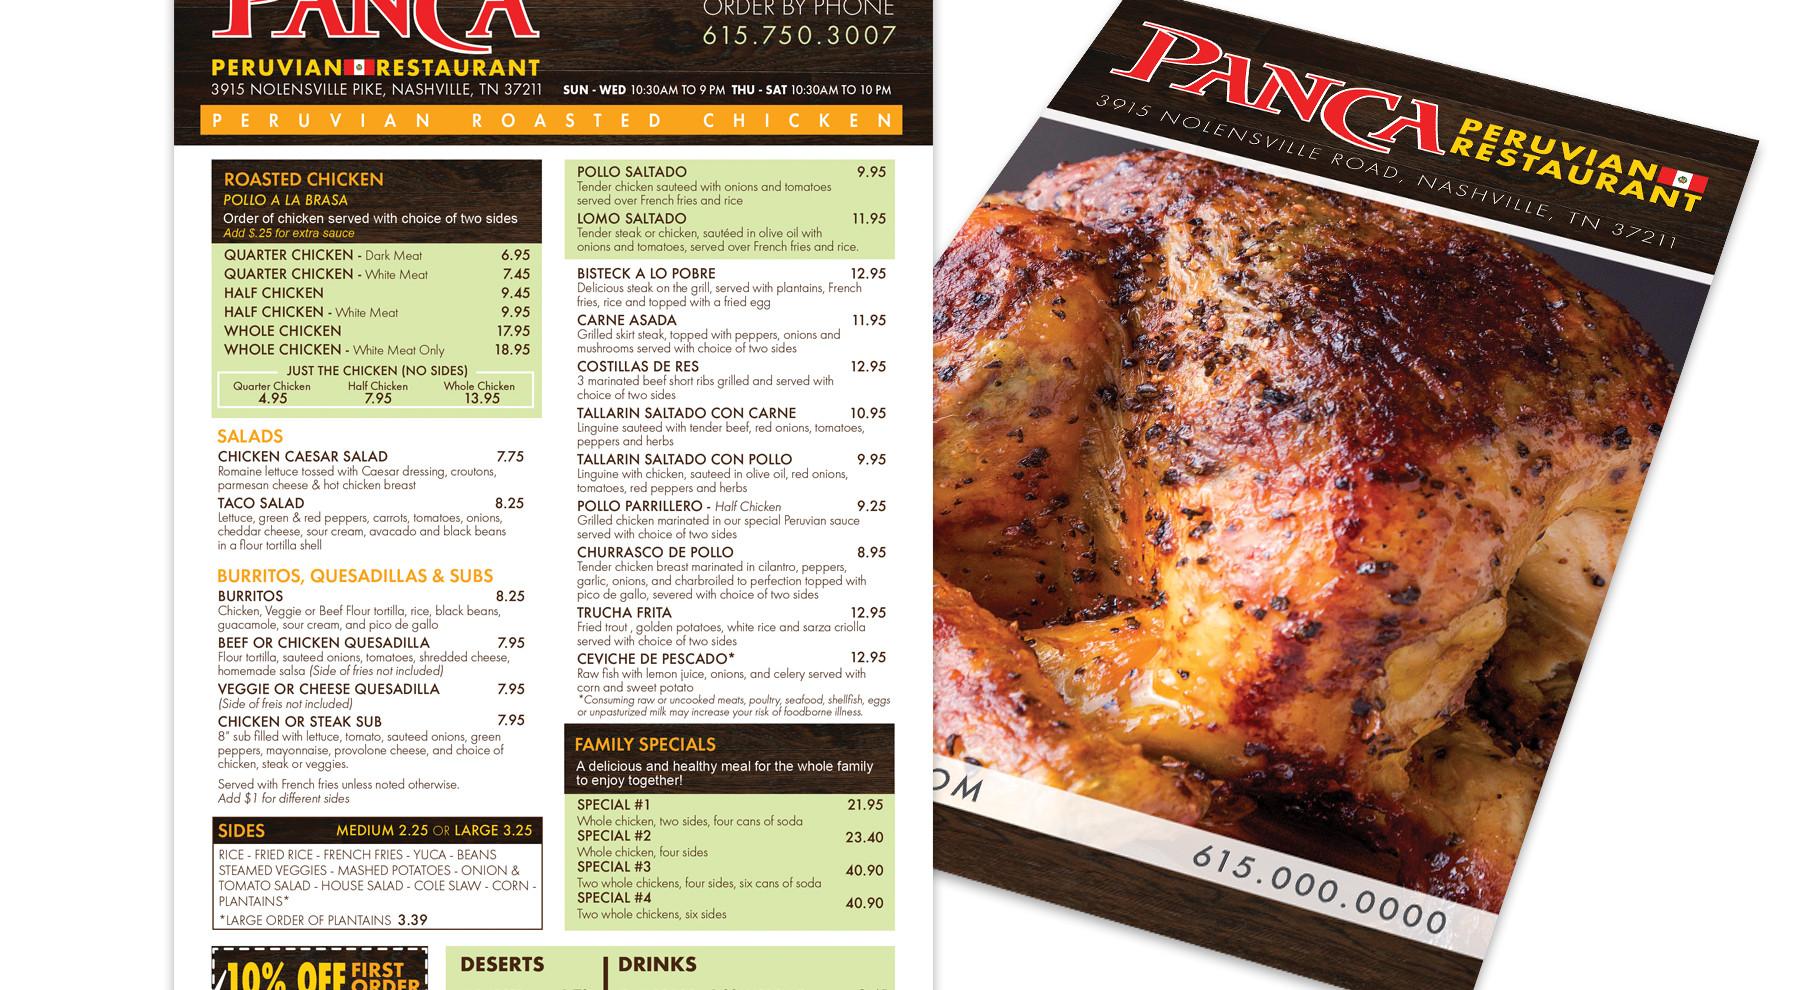 Panca_menupostcard_01.jpg